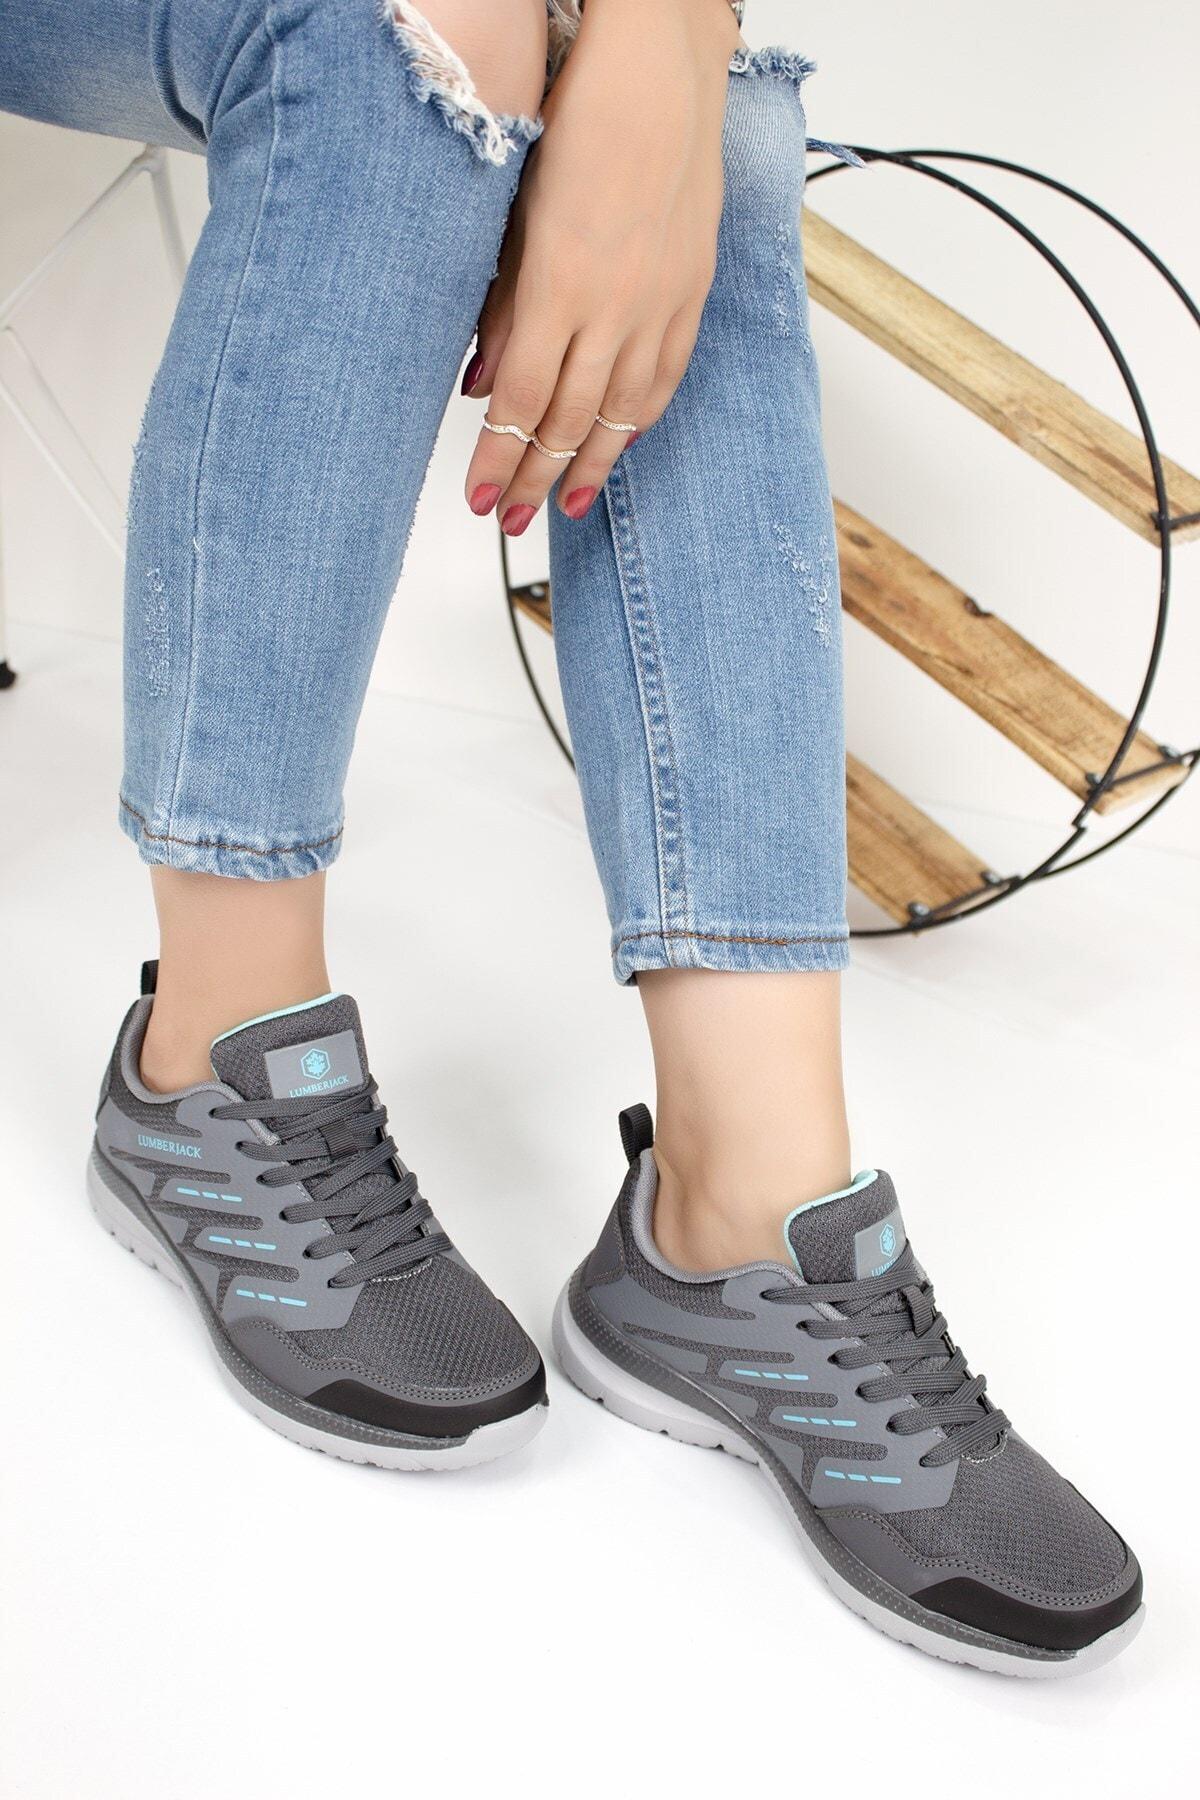 Lumberjack SELENA Gri Kadın Yürüyüş Ayakkabısı 100539025